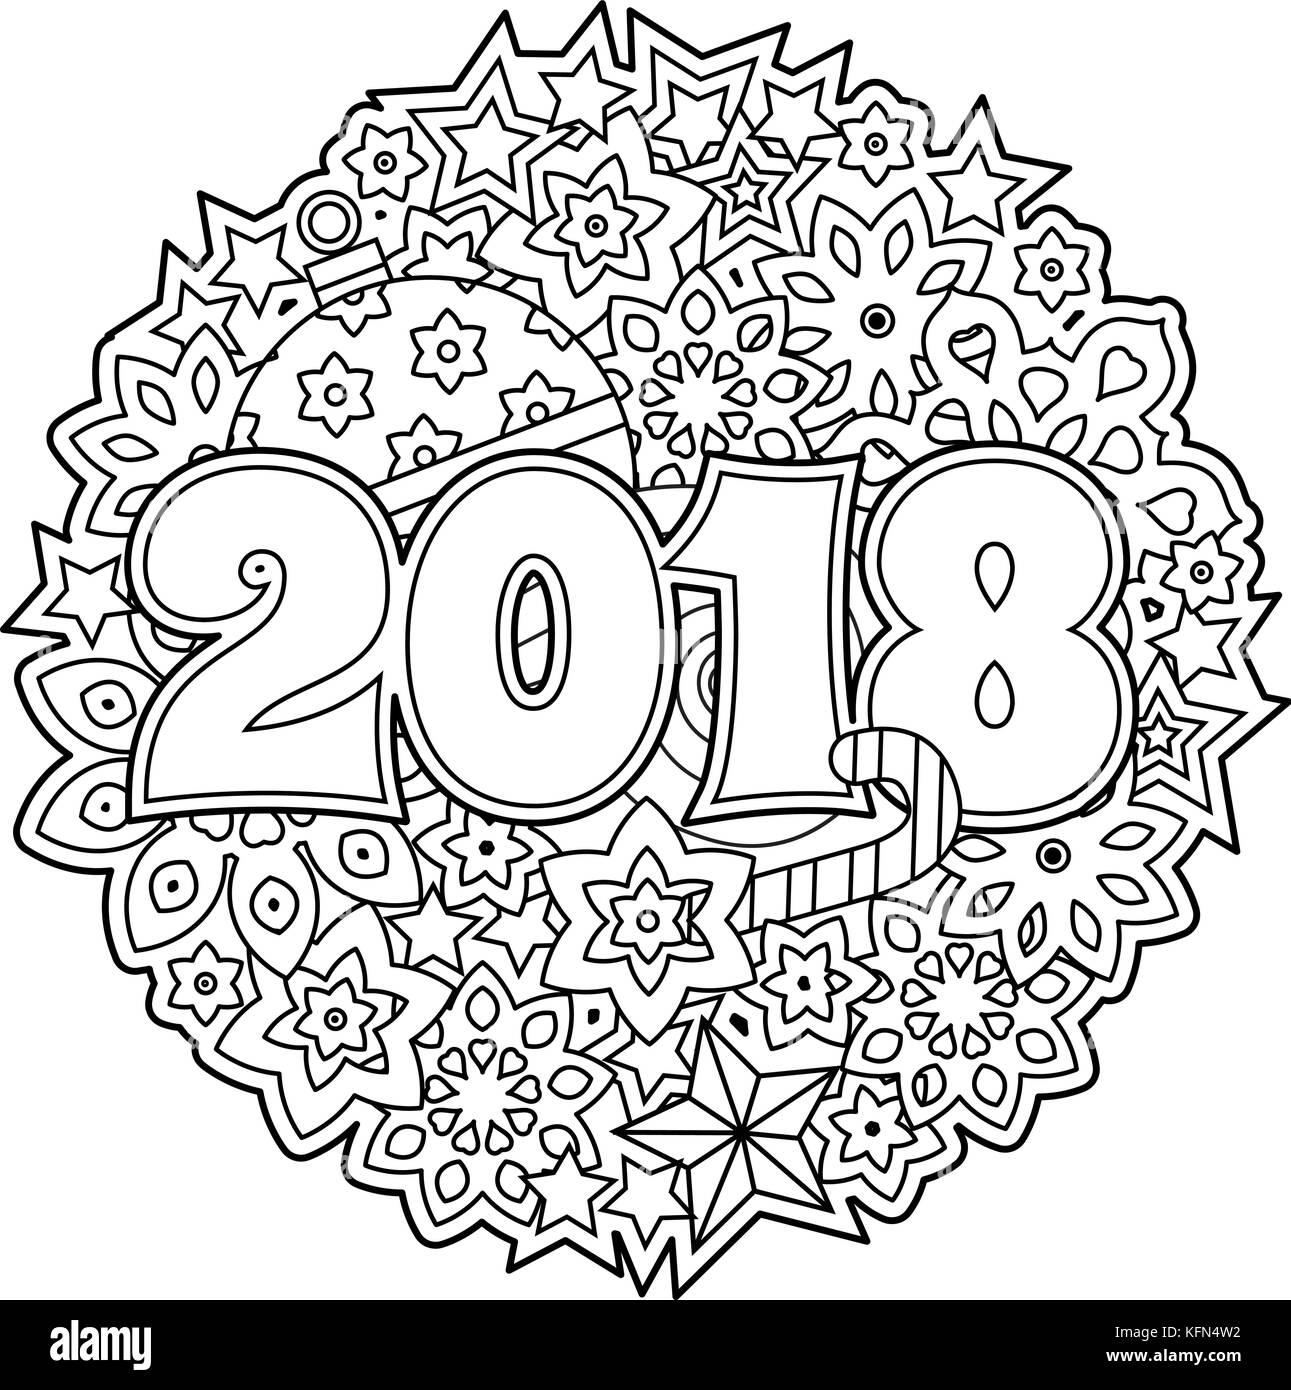 Neues Jahr herzlichen Glückwunsch Karte mit Zahlen 2018 auf ...